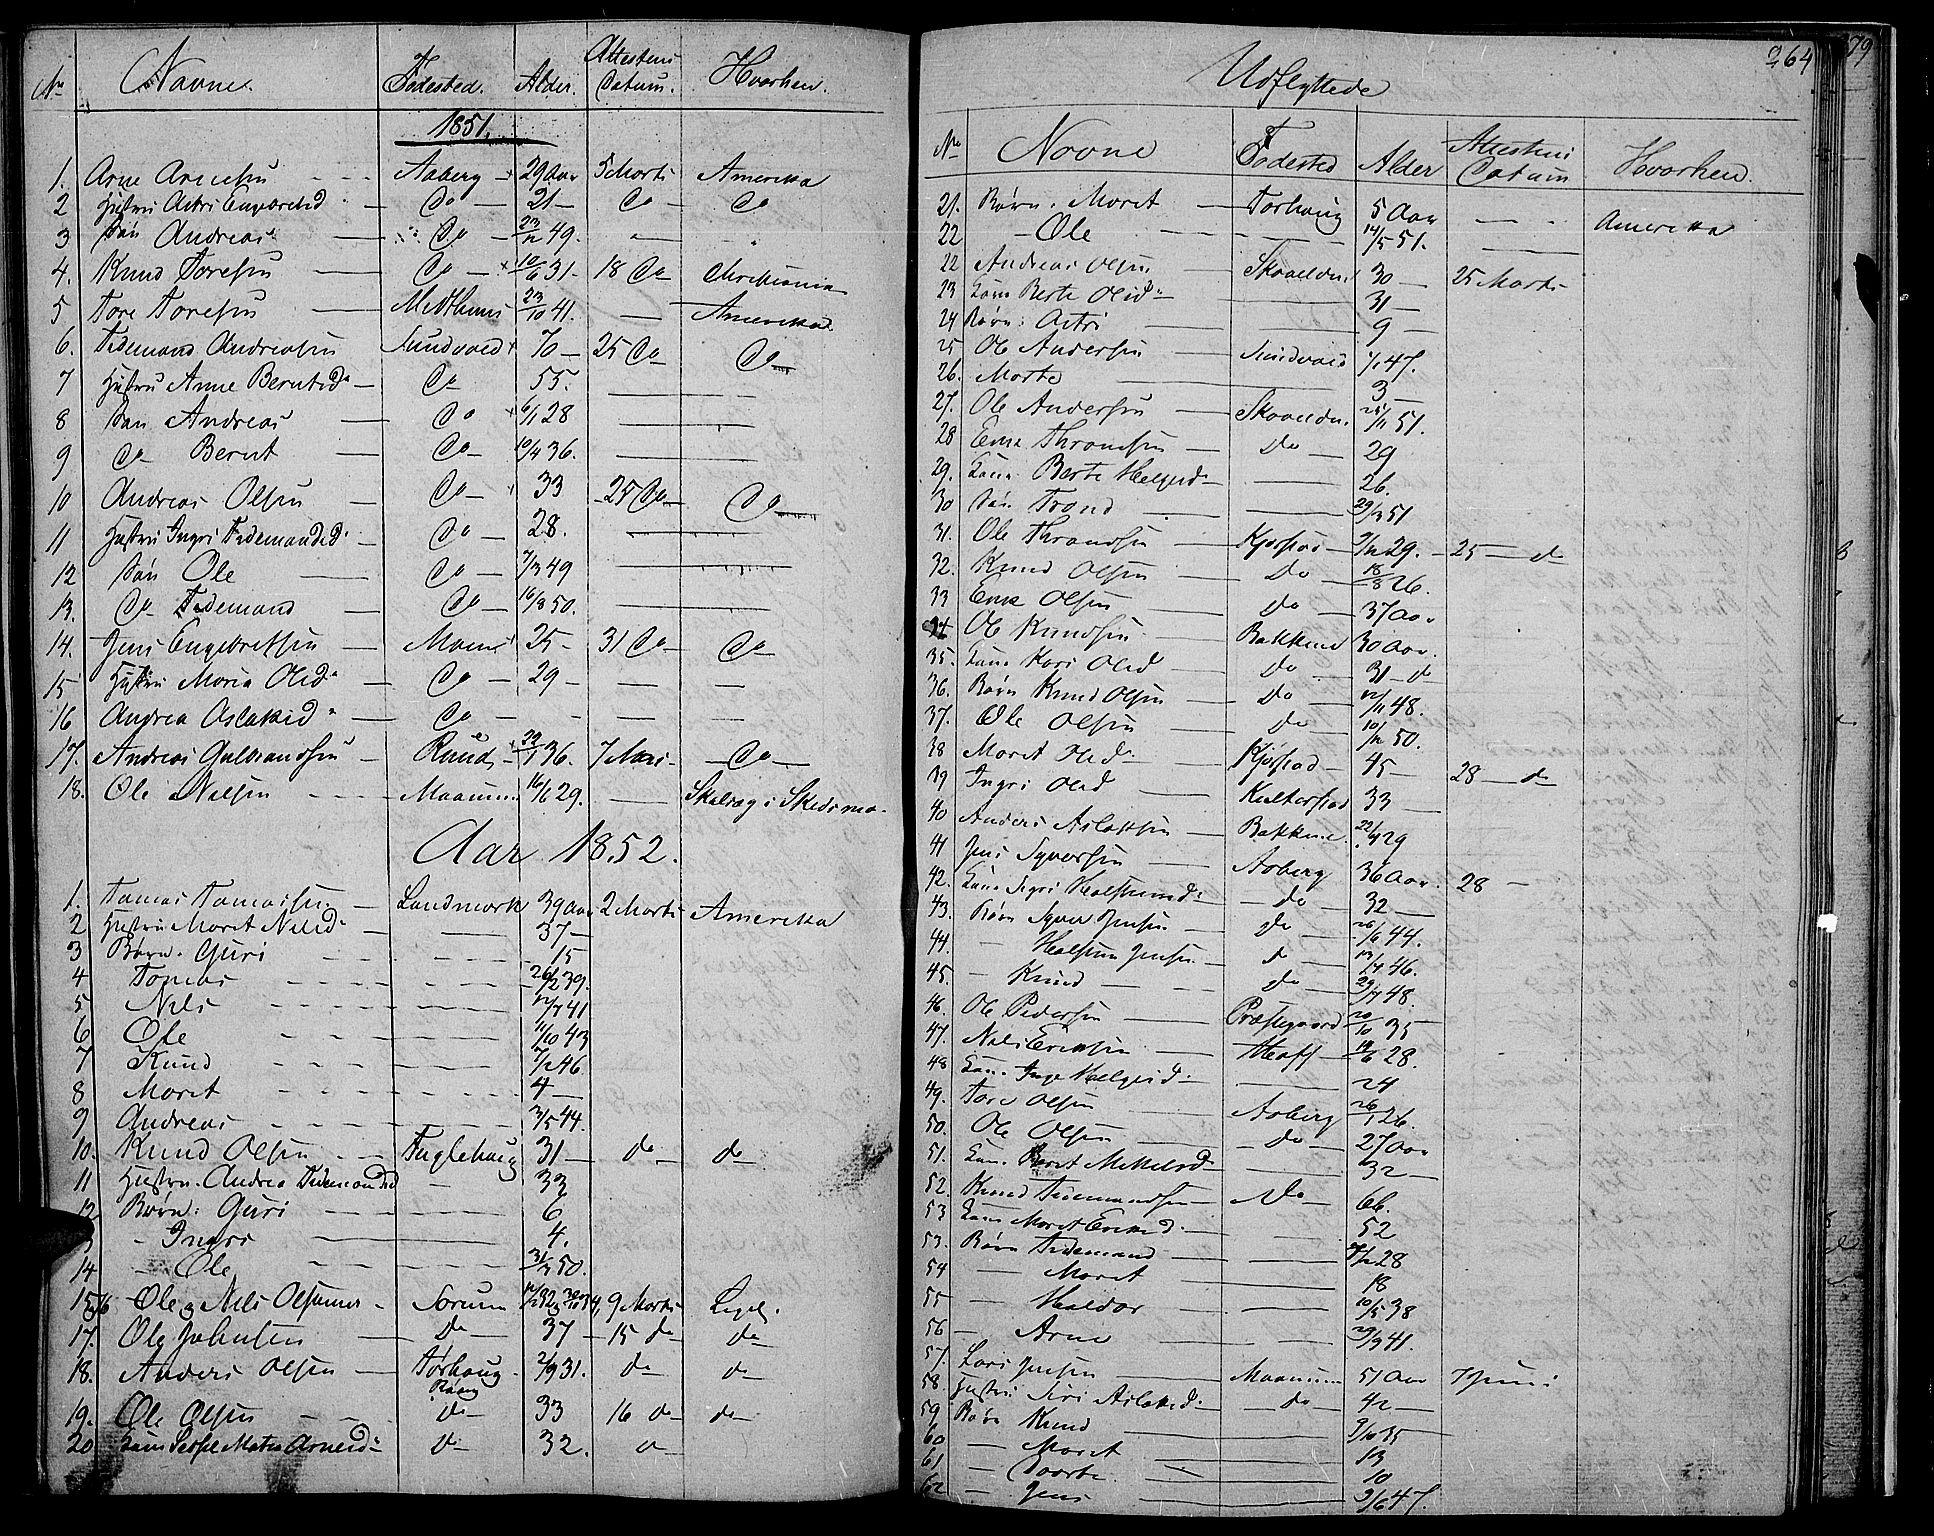 SAH, Nord-Aurdal prestekontor, Klokkerbok nr. 2, 1842-1877, s. 264